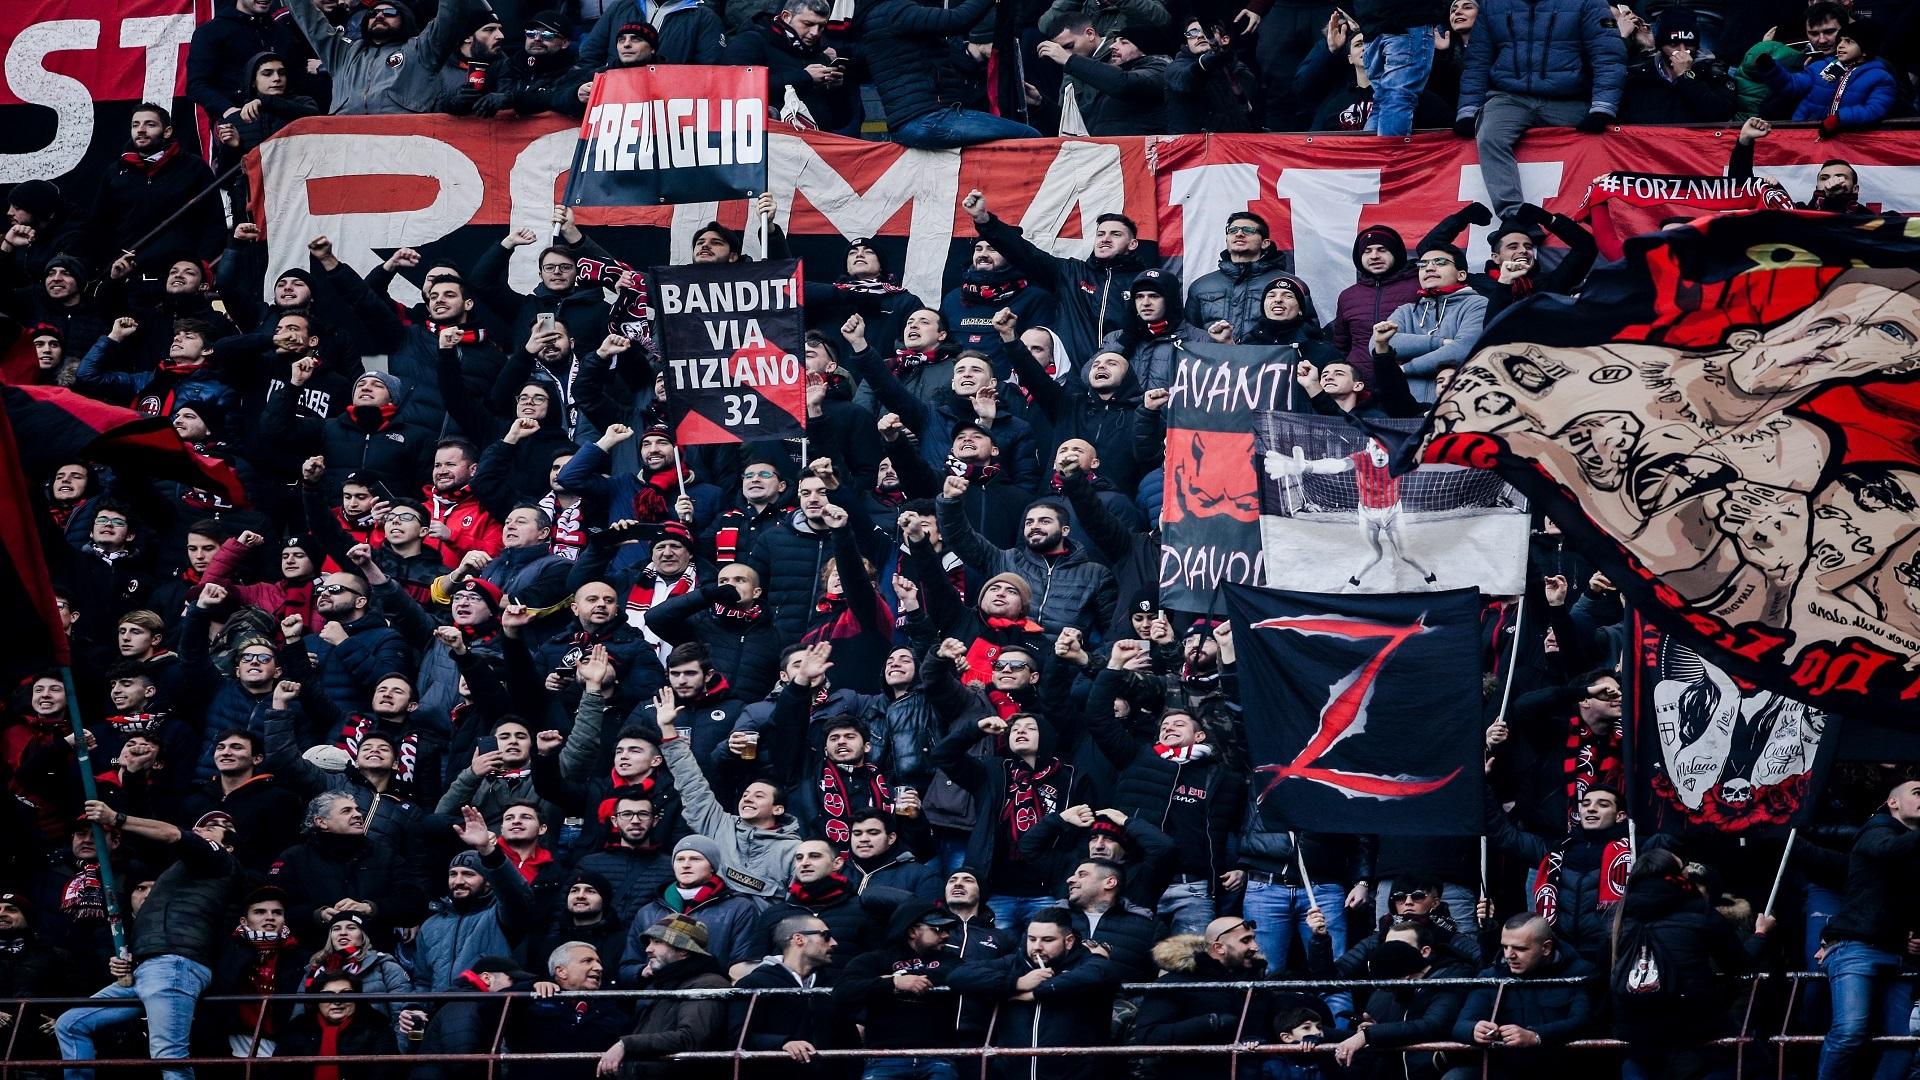 لاغازيتا: أدت جائحة كورونا إلى إرتفاع عدد مشجعي نادي ميلان محتلًا المركز الثاني خلف يوفنتوس